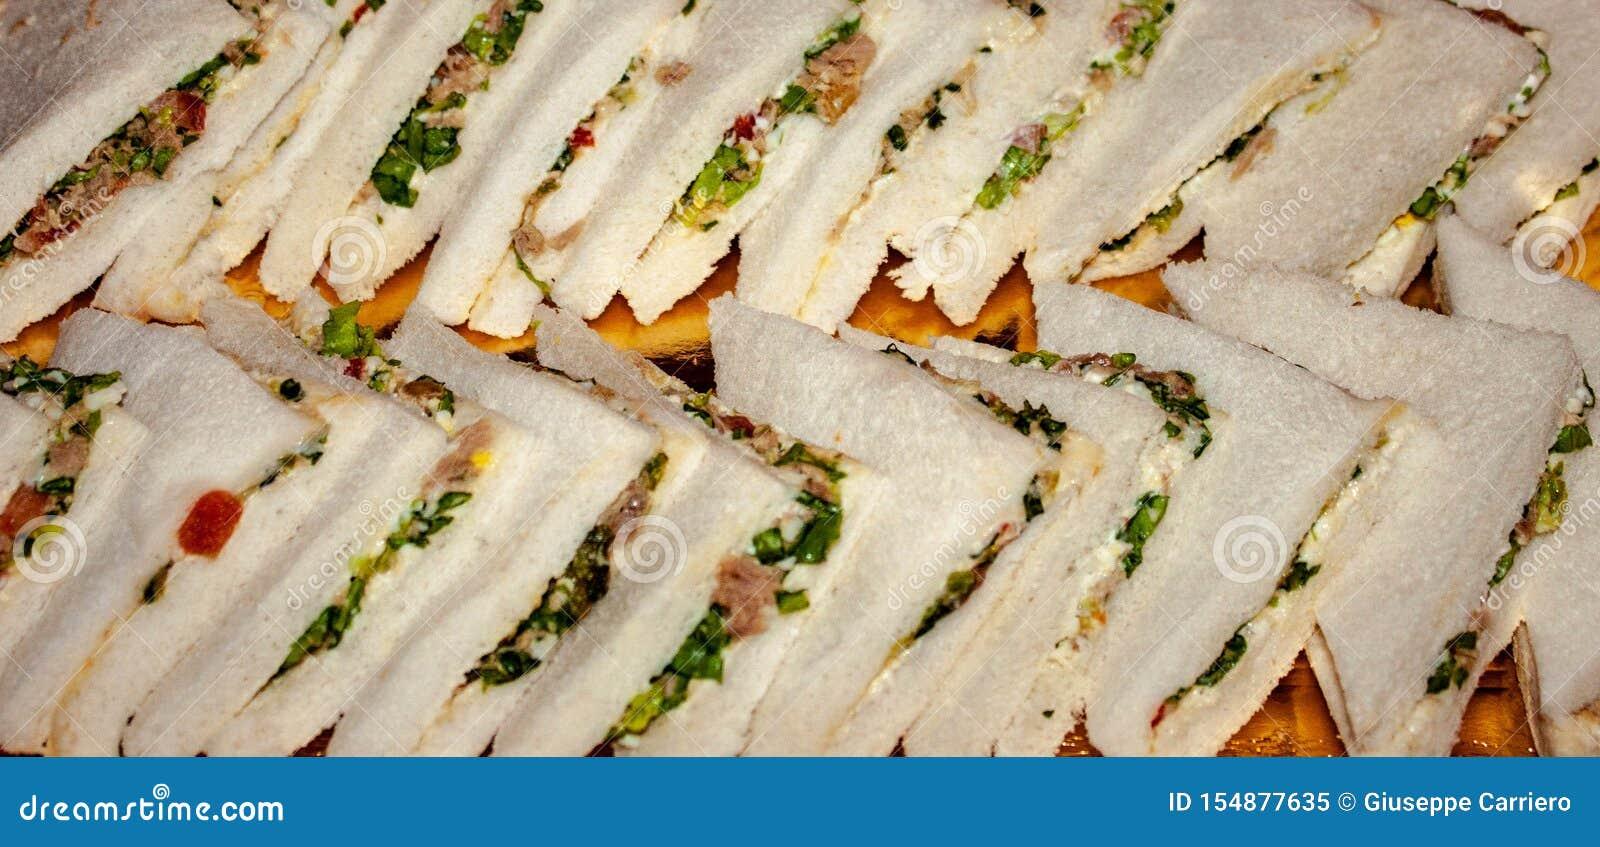 Smakowite kanapki gotowe cieszyć się, umieszczają na tacy kanapka, chleb faszerujący z sandwic są czym rozważa najlepszy